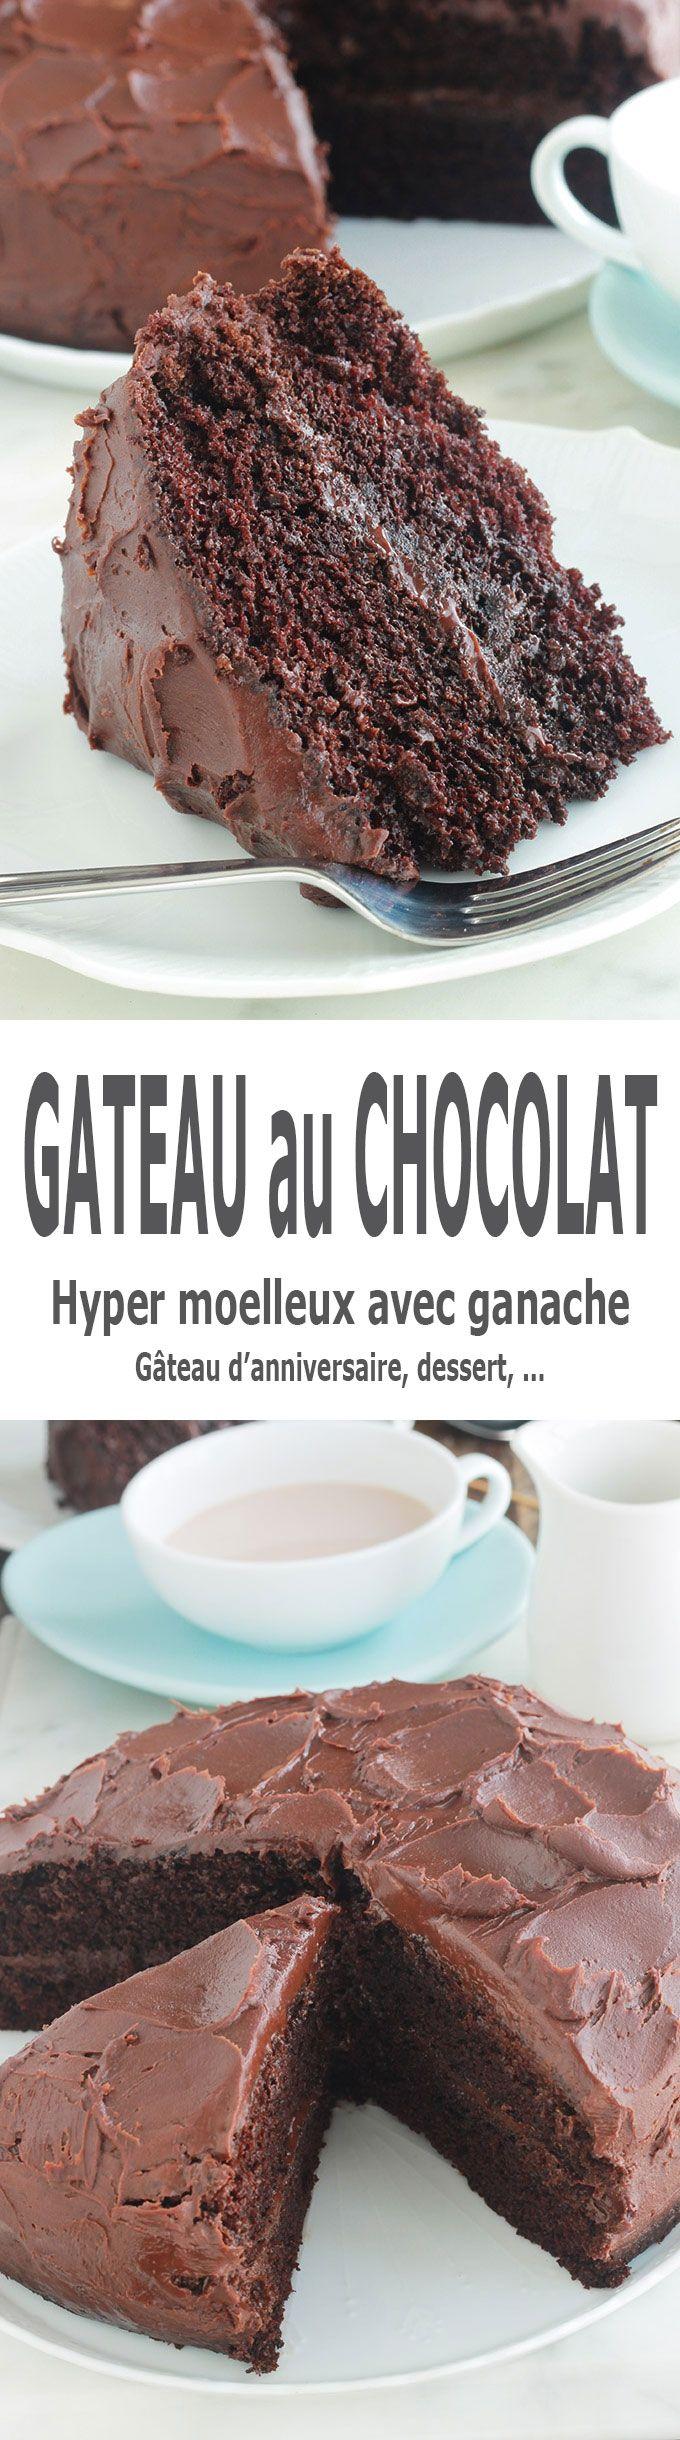 Gâteau au chocolat hyper moelleux avec ganache | Recette ...